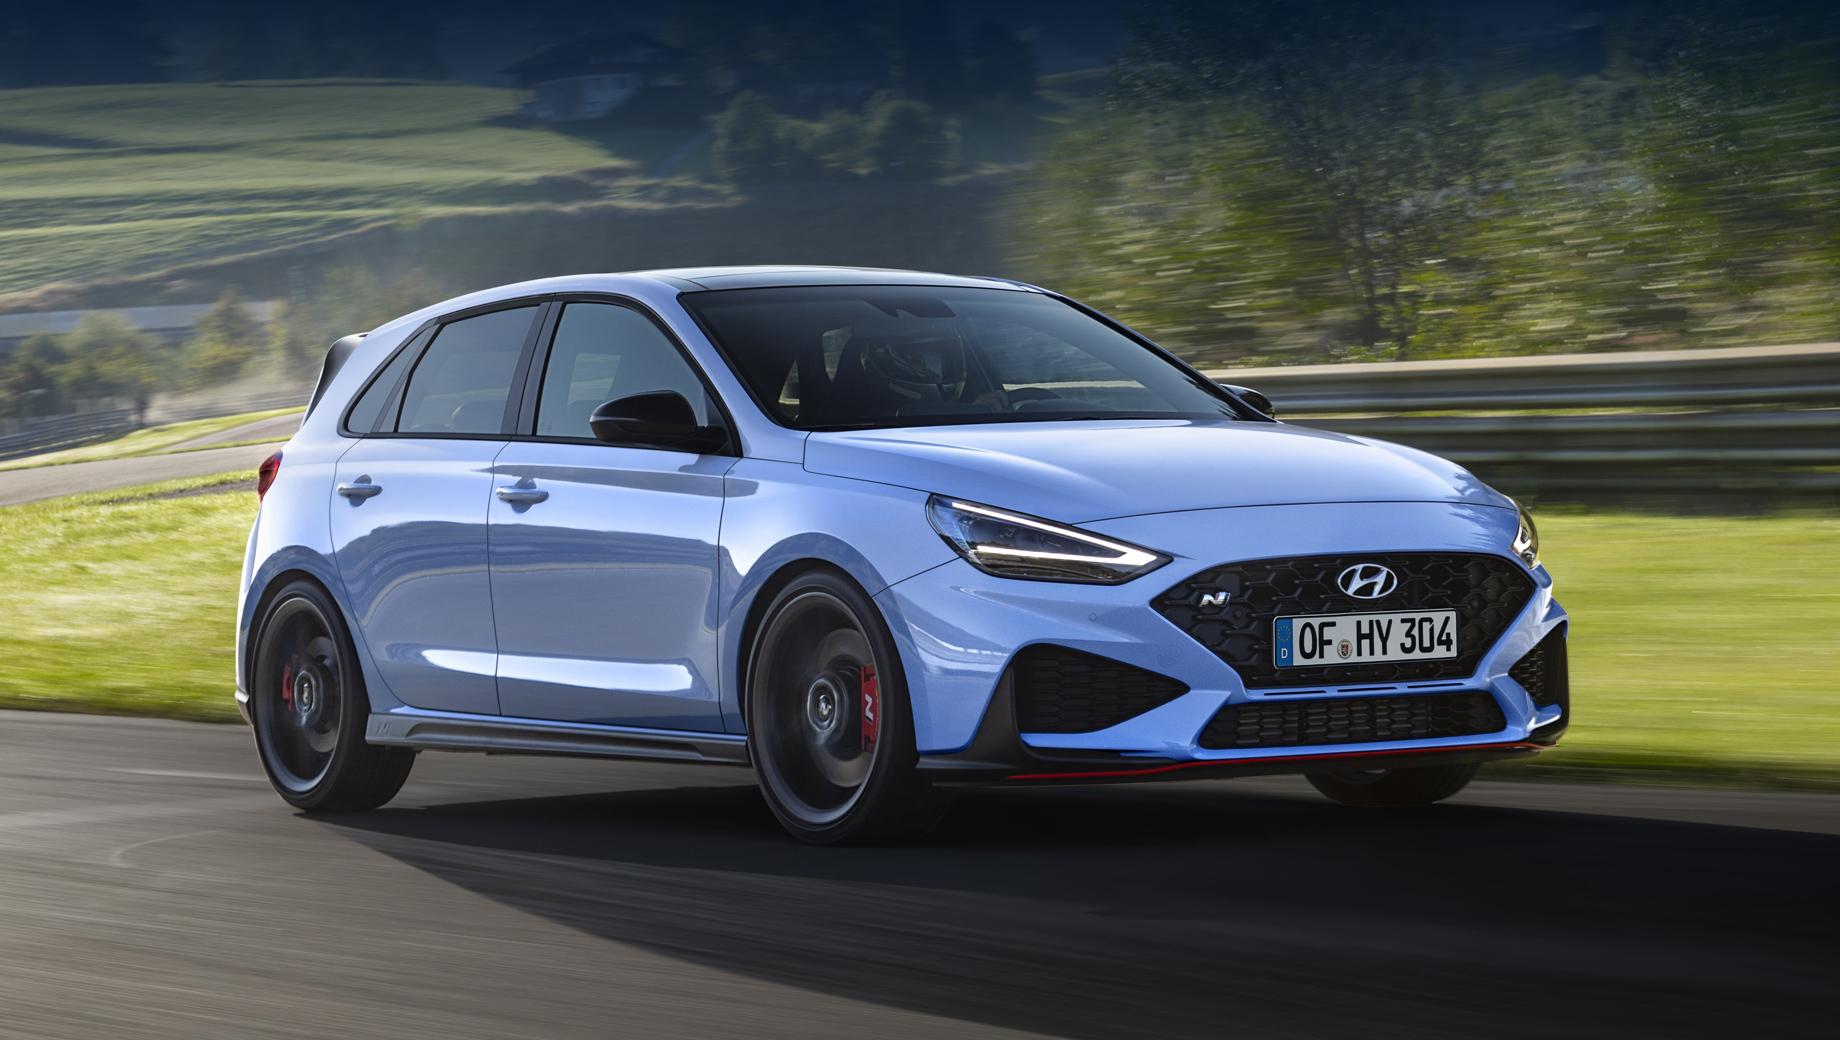 Hyundai i30,Hyundai i30 n. На снимках фигурирует хэтчбек, но компания говорит, что i30 N, как и раньше, будет выпускаться и с таким кузовом, и в виде фастбека. Значит, последнего ждут те же основные обновки.